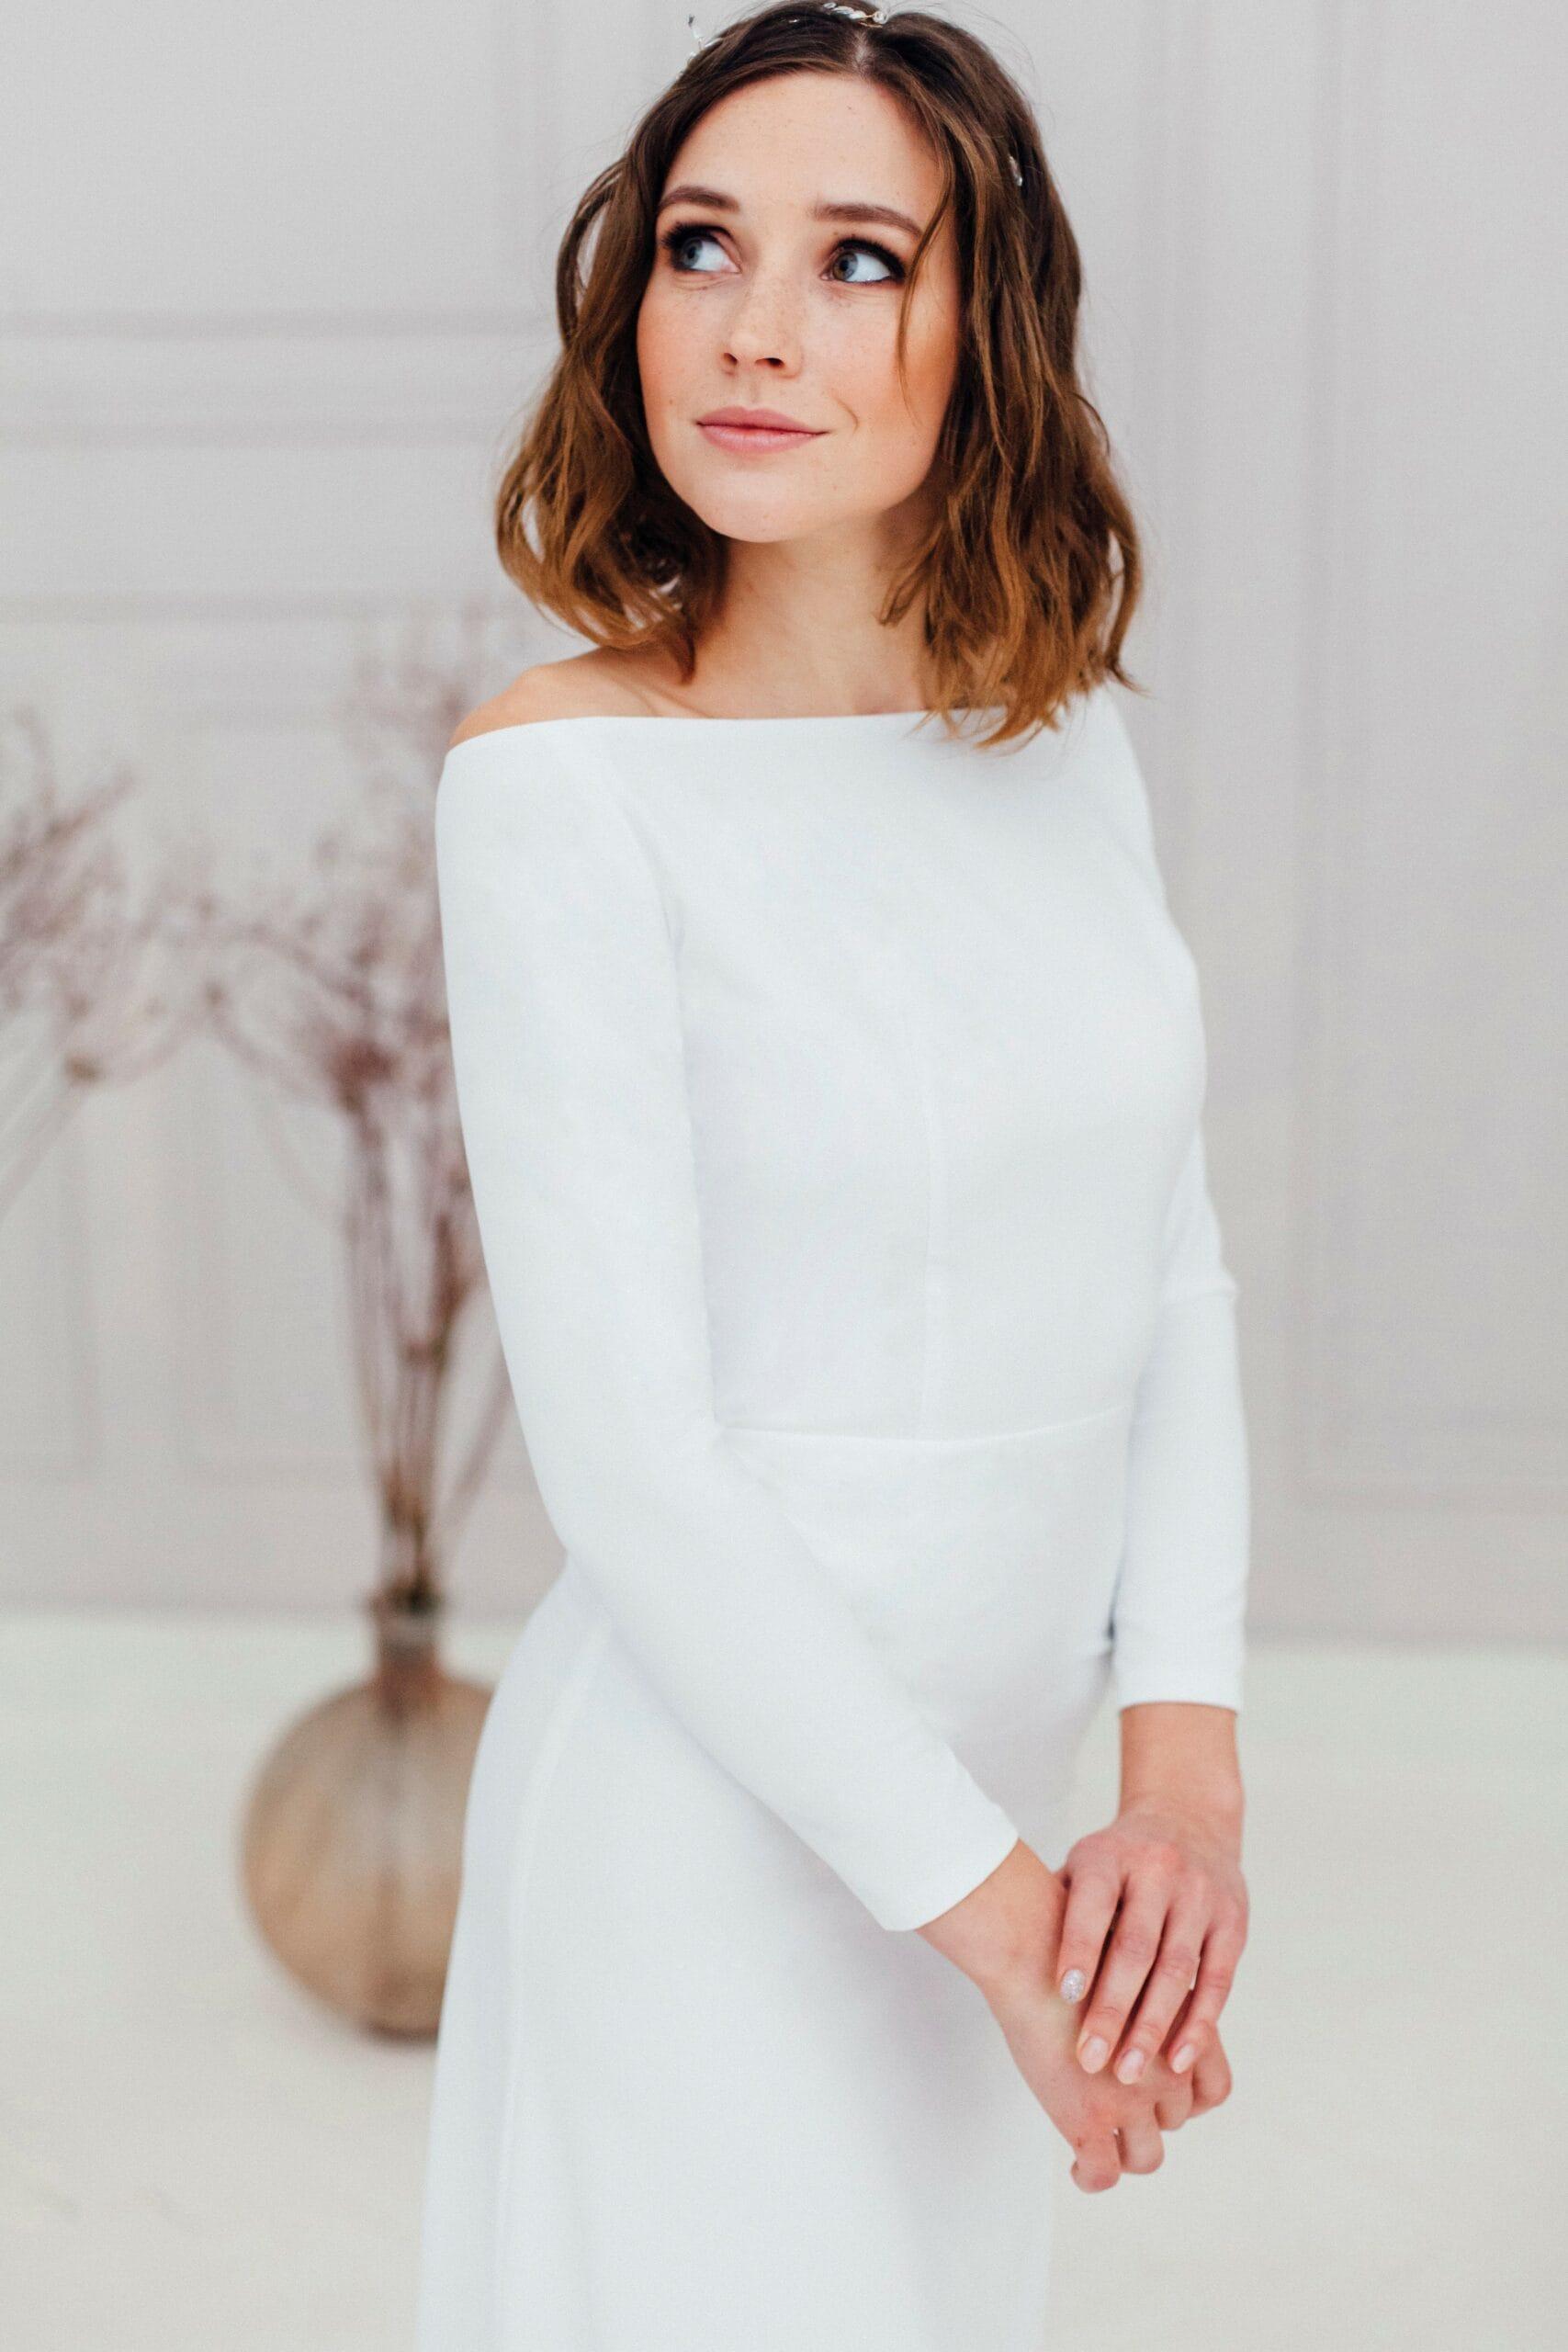 Свадебное платье MAINE, коллекция REFINED ELEGANCE, бренд OKA NOMO, фото 1